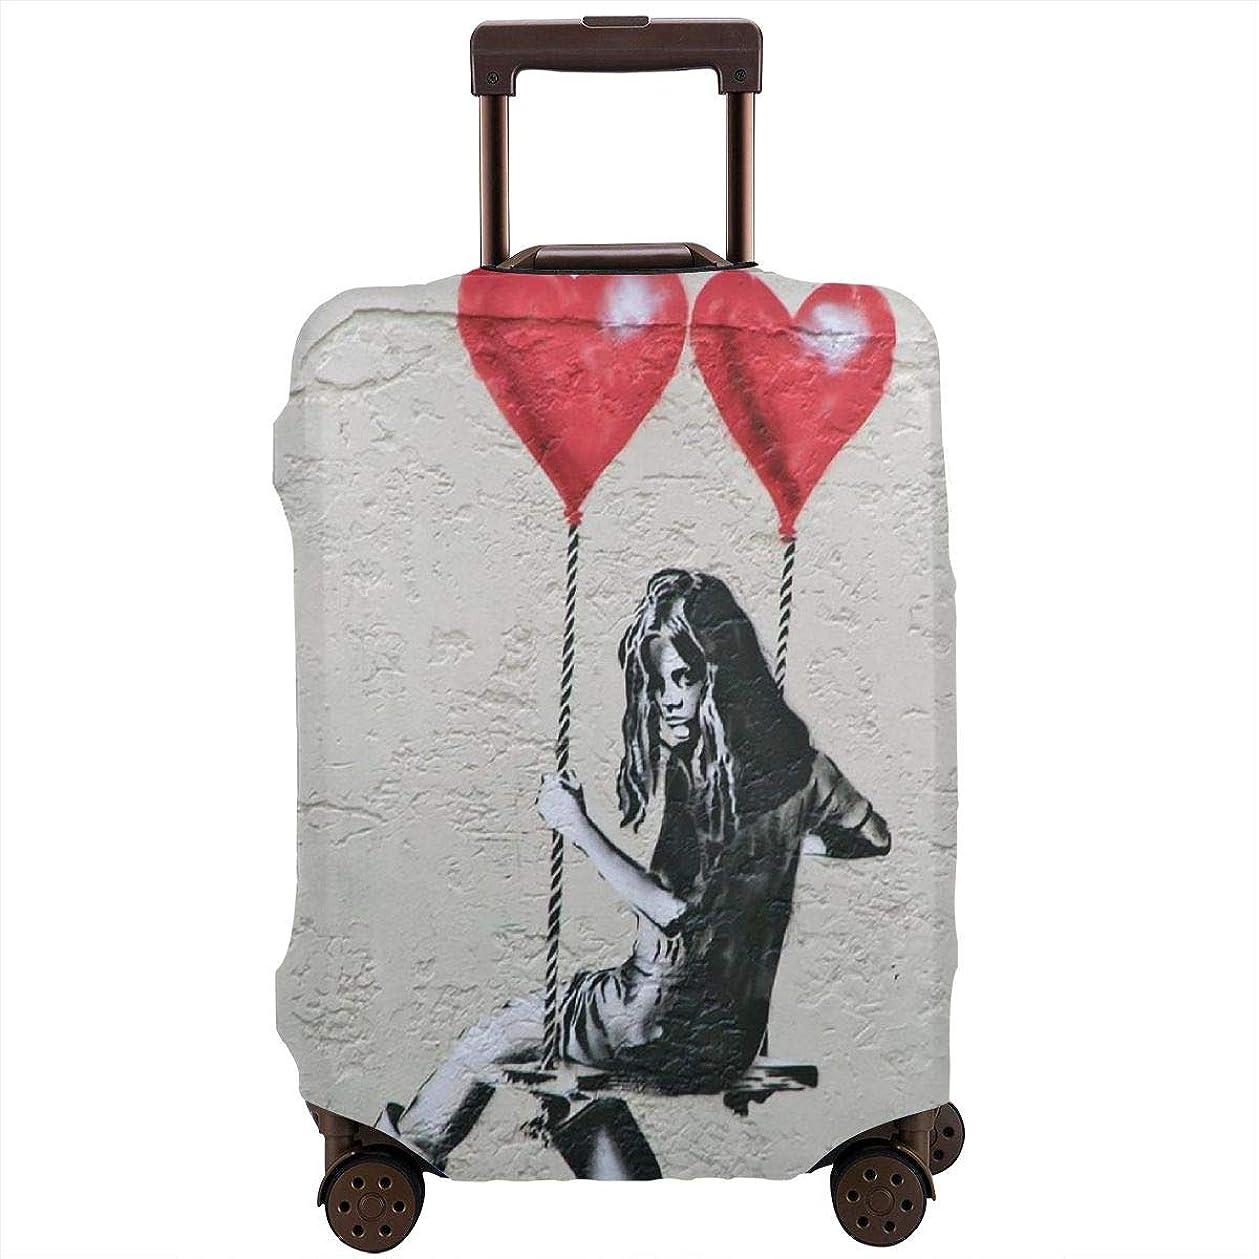 柔らかい足拡声器ペインティングレッドカラー スーツケースカバー ラゲッジカバー キャリーカバー Banksy バンクシー ストリート 防塵カバー トランクカバー 旅行用品 トラベルダストカバー